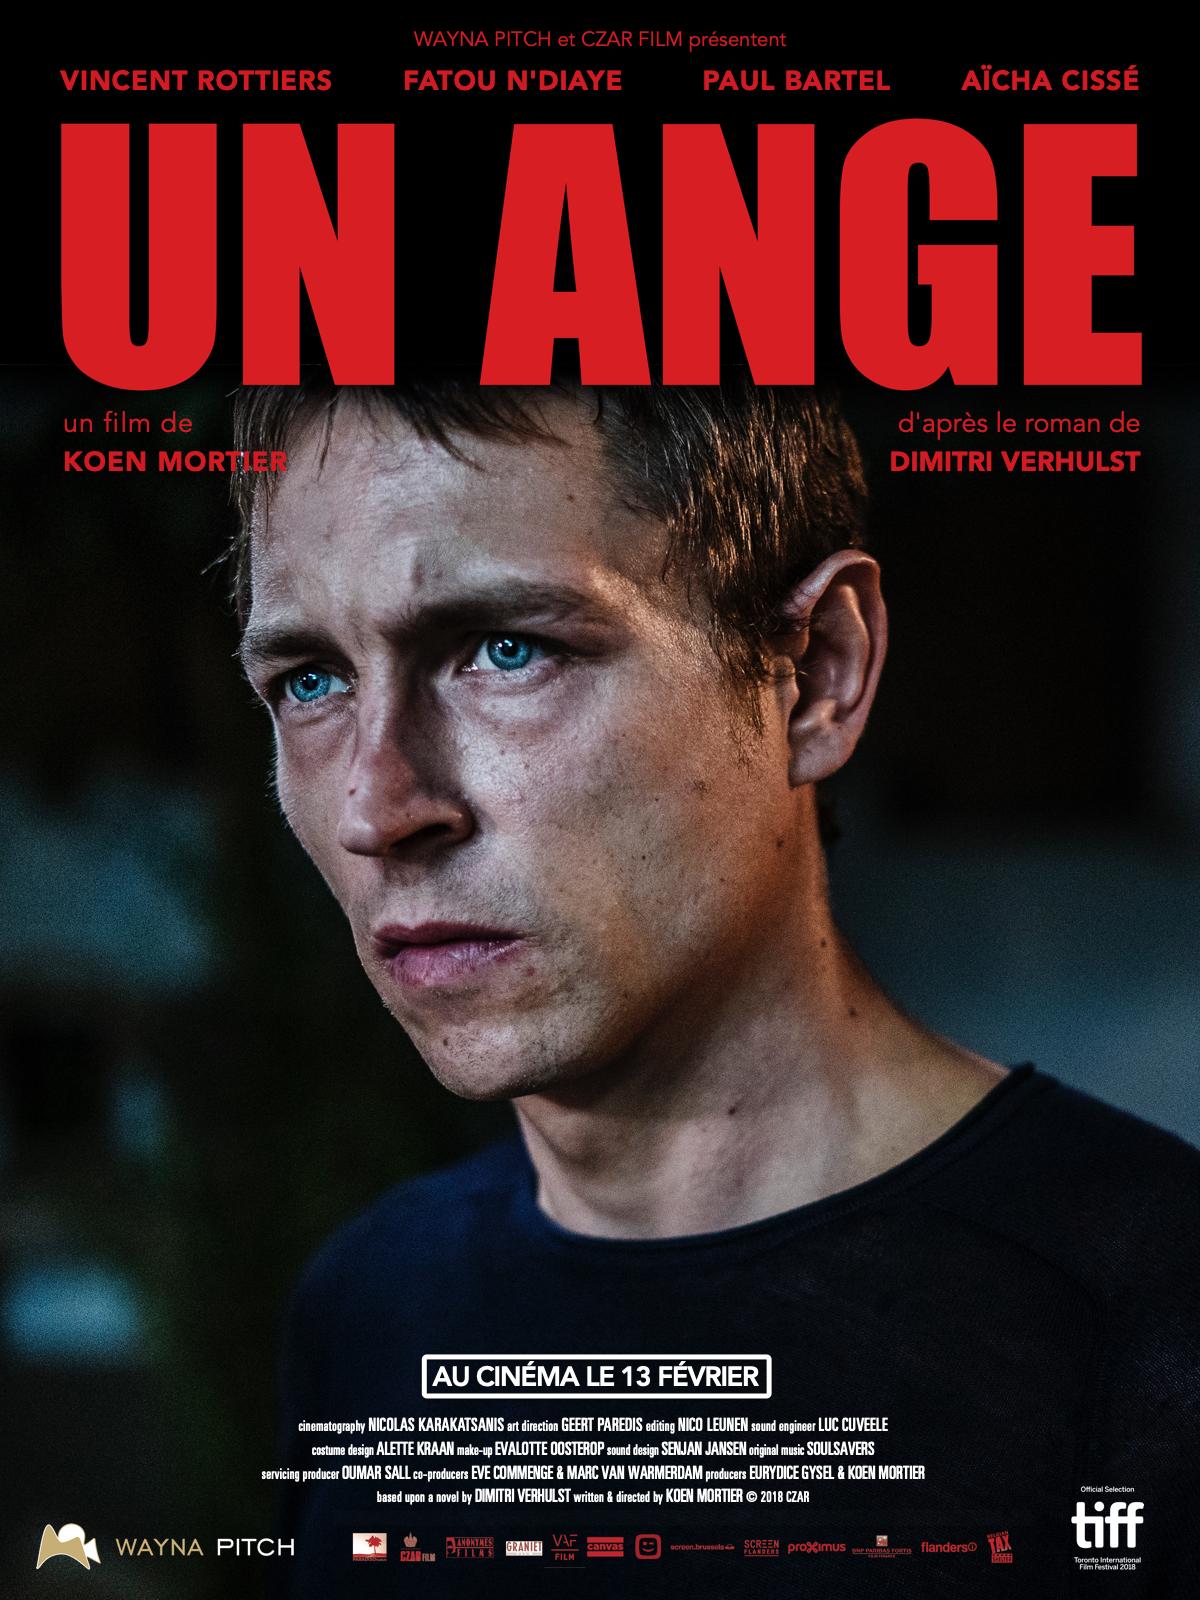 Un ange critique film avis affiche